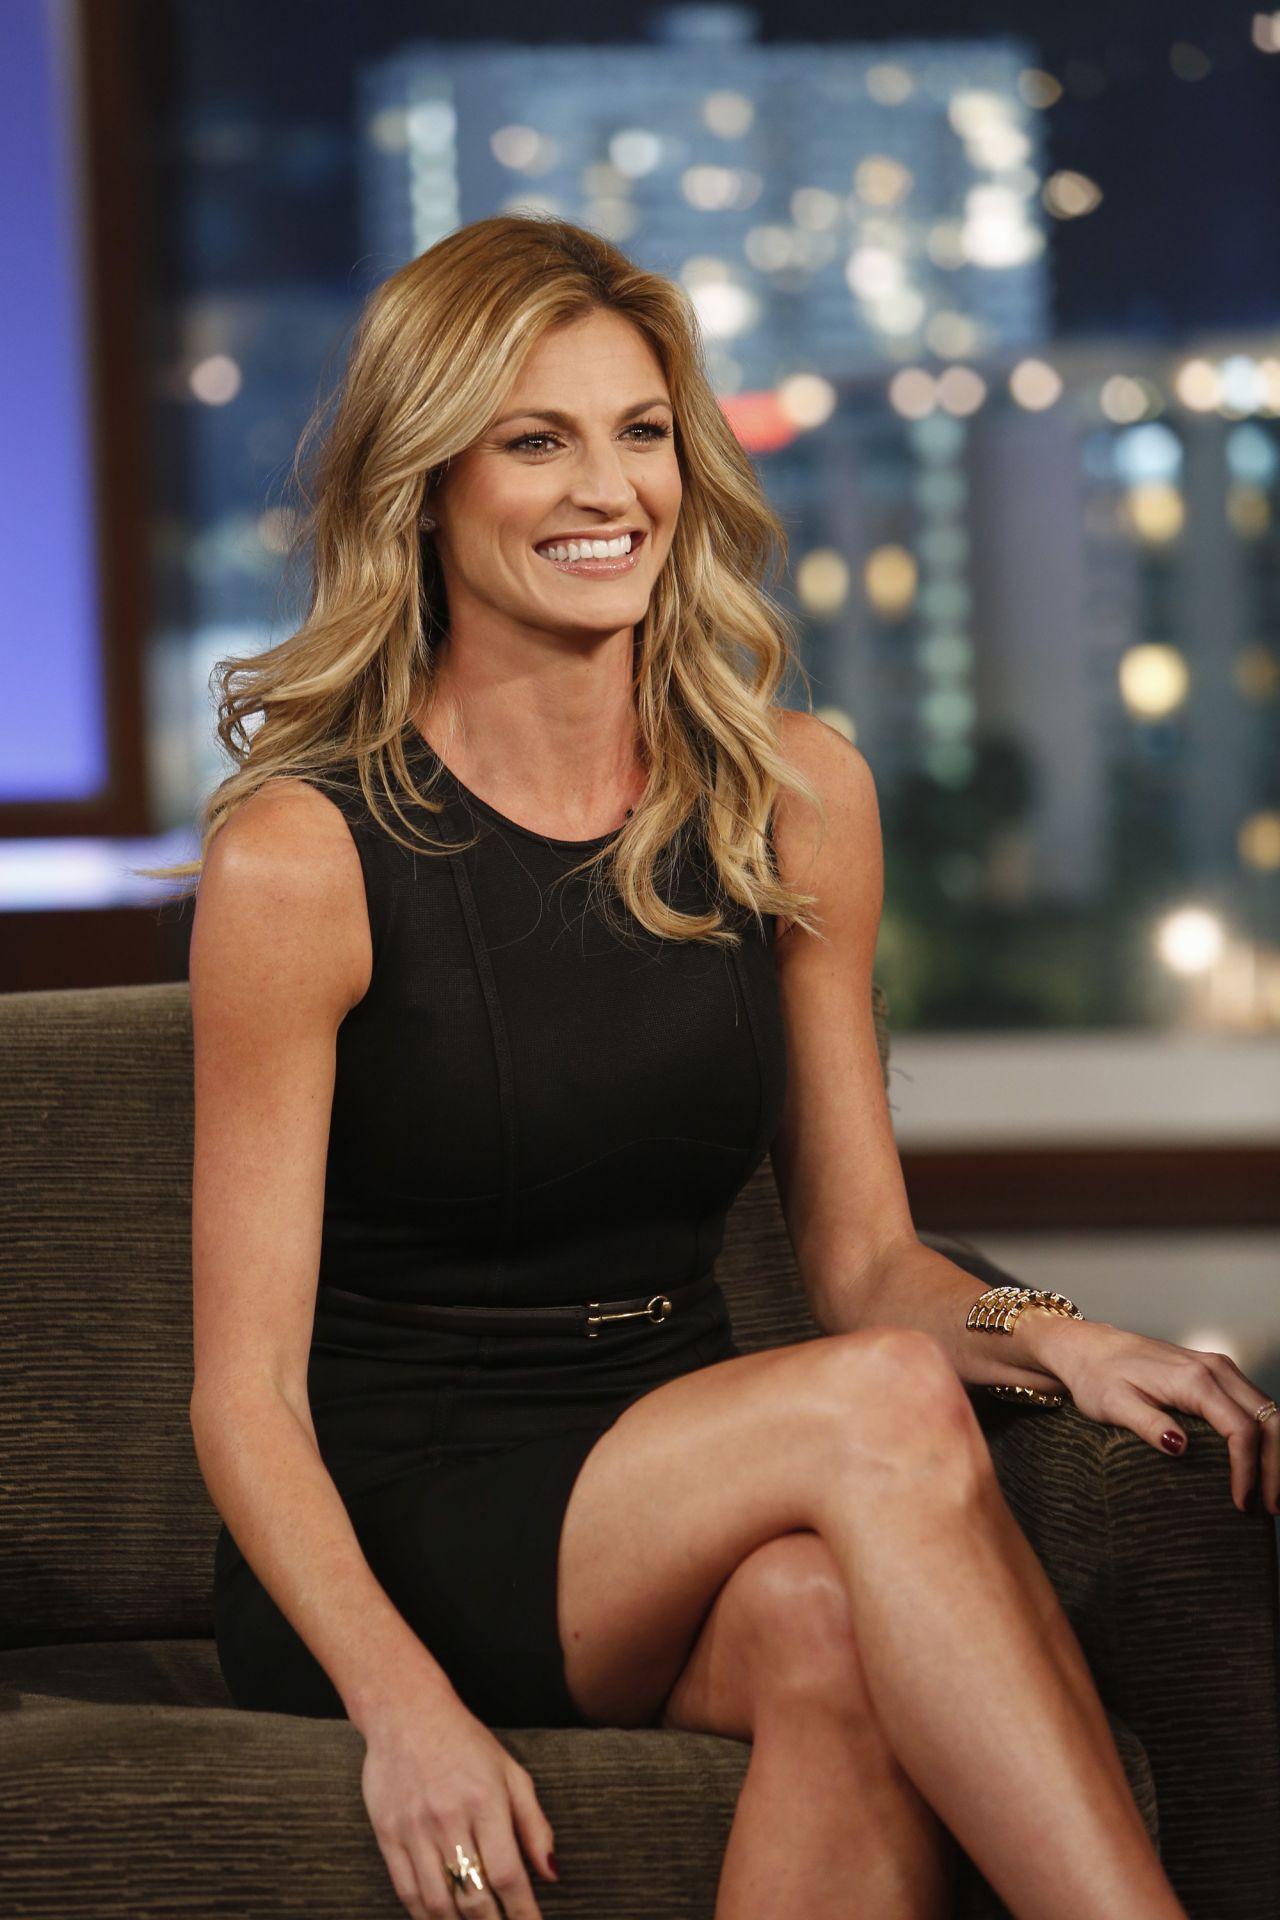 Erin Andrews on Jimmy Kimmel Live - November 2013